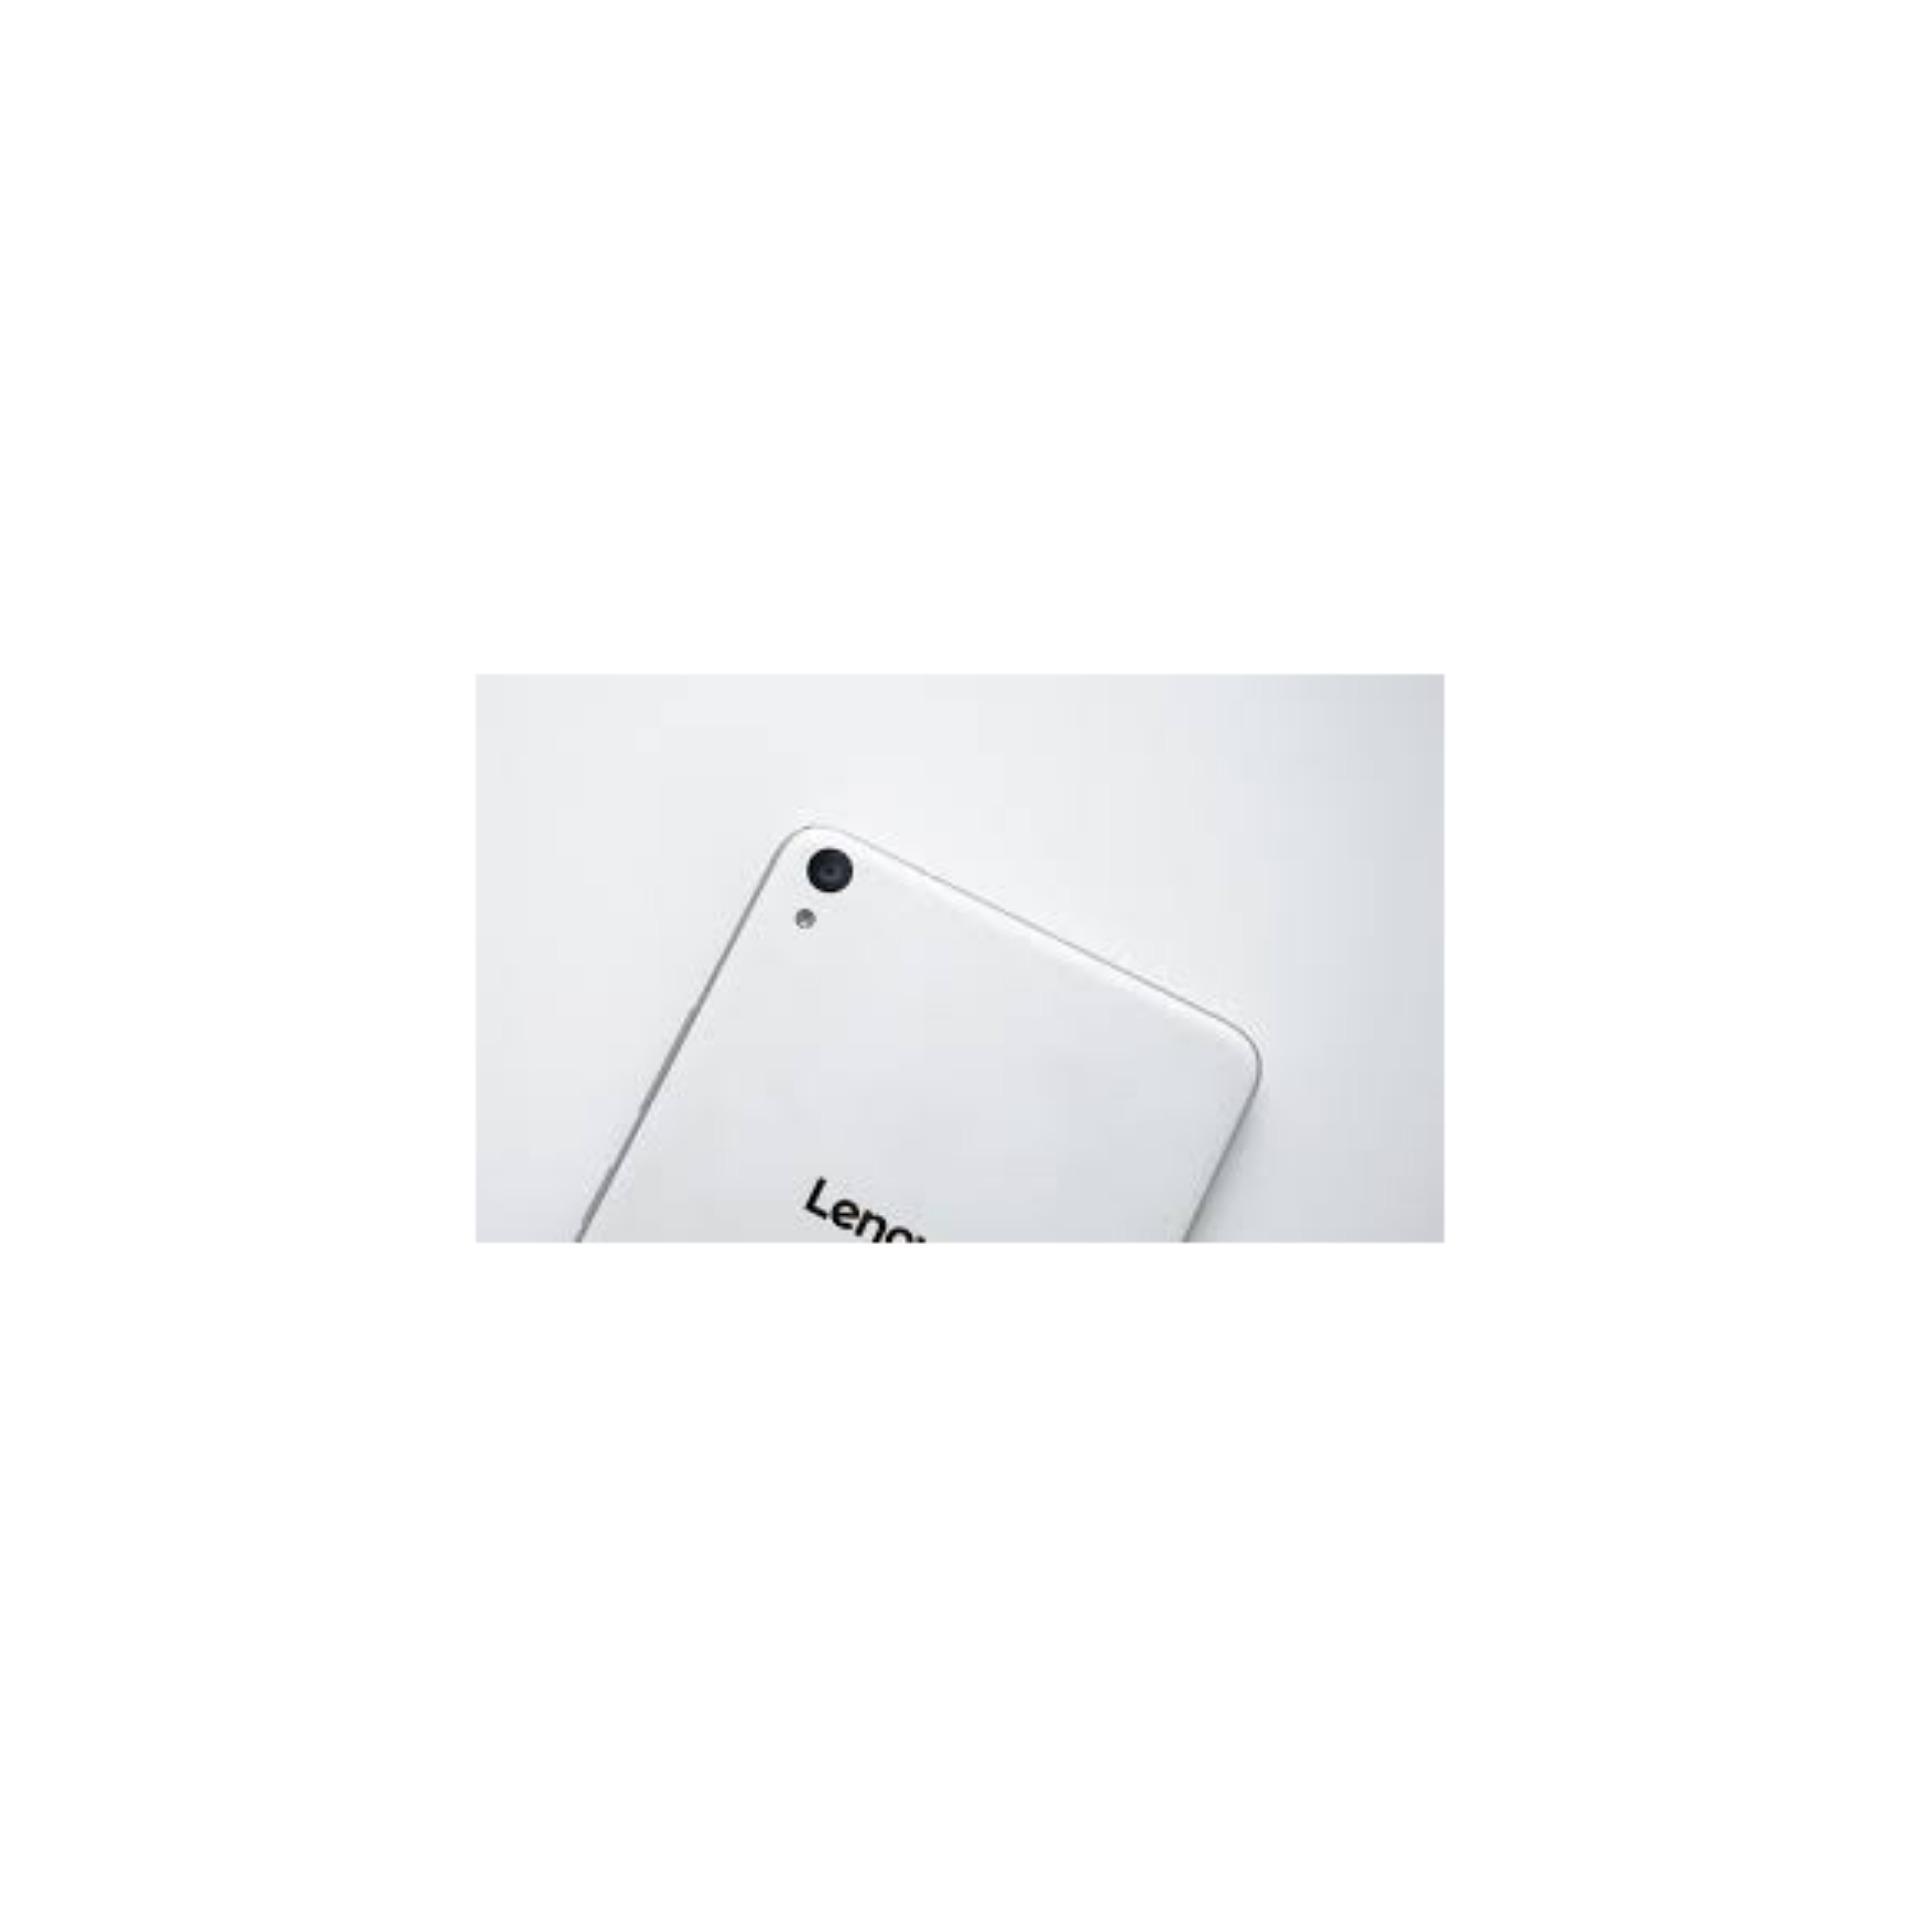 Chi tiết sản phẩm Phablet Lenovo PHAB PB1-750M(trắng)